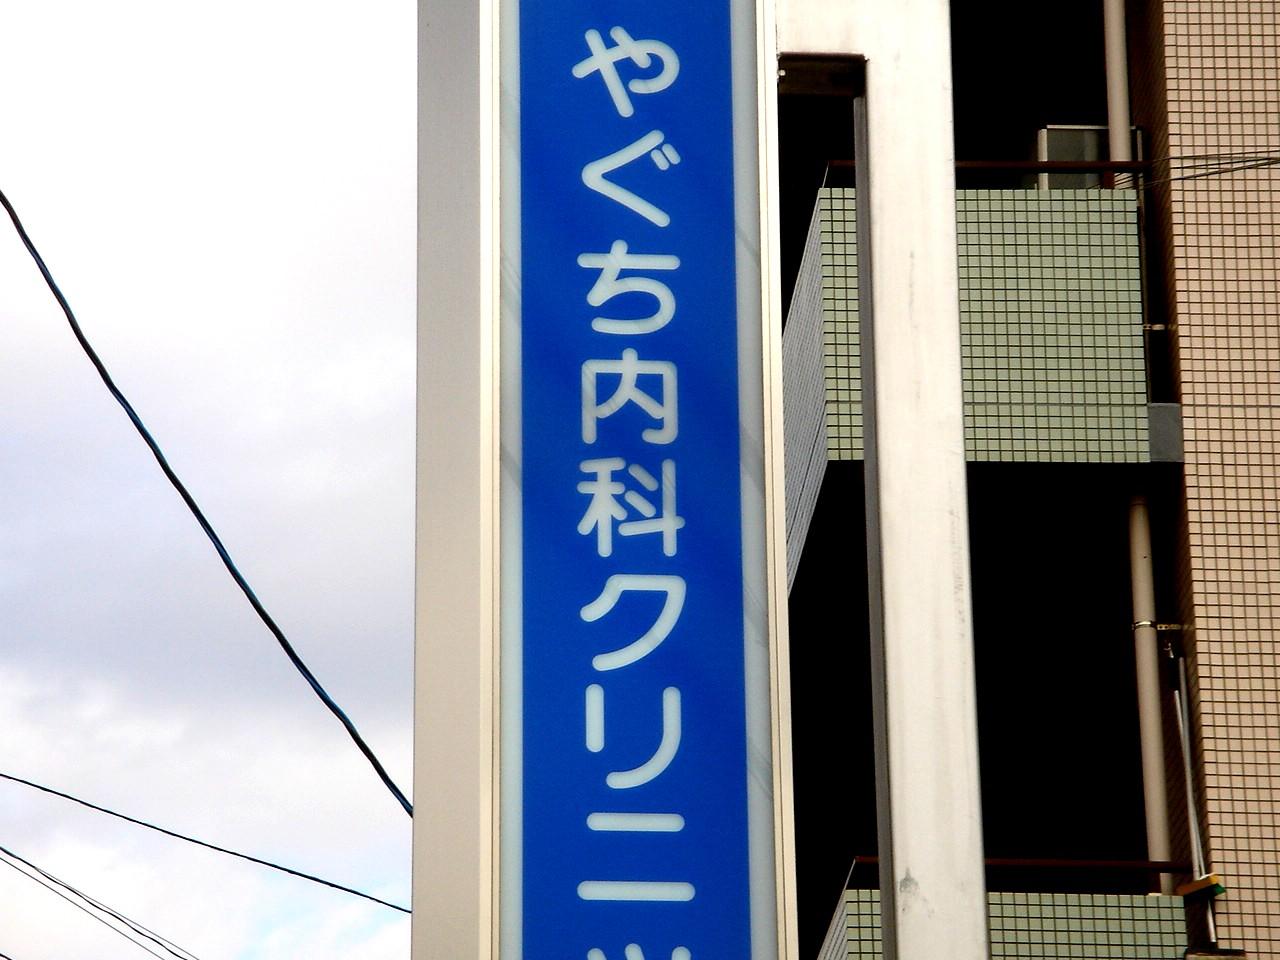 東京ベイ船橋ビビット2008Part2:驚異のインフルエンザ@船橋市宮本 ...